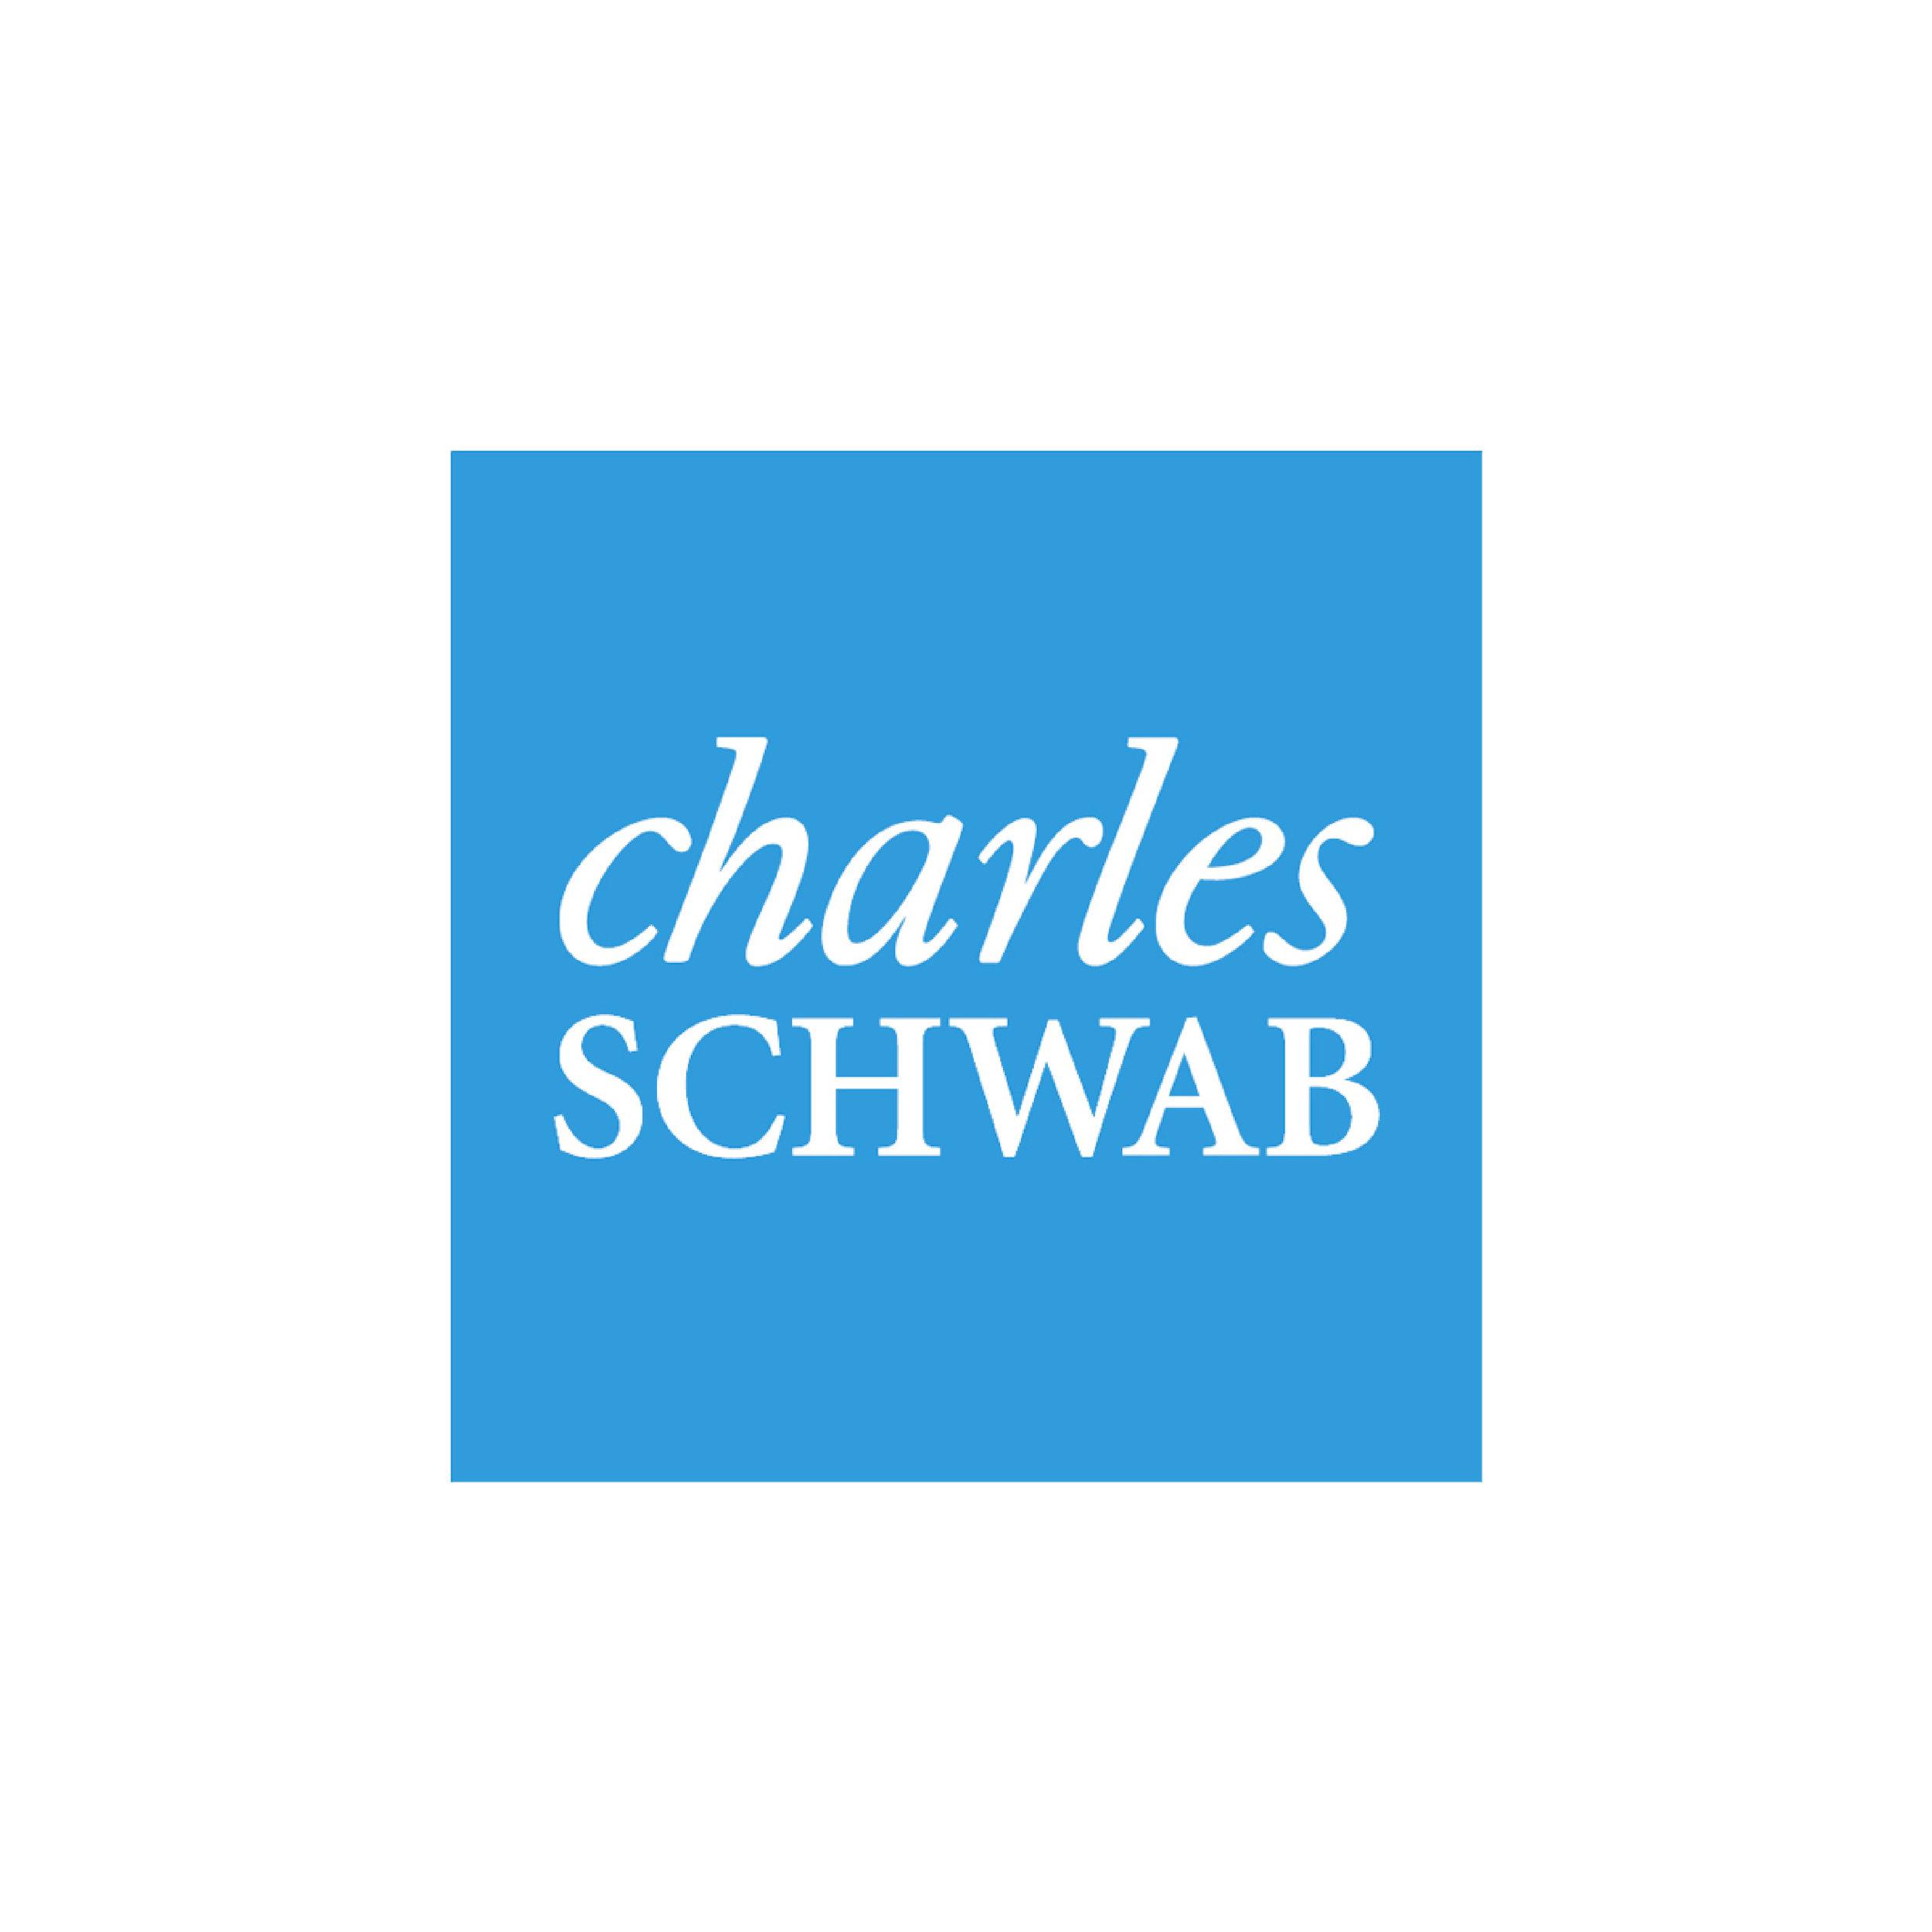 Charles Schwab.jpg